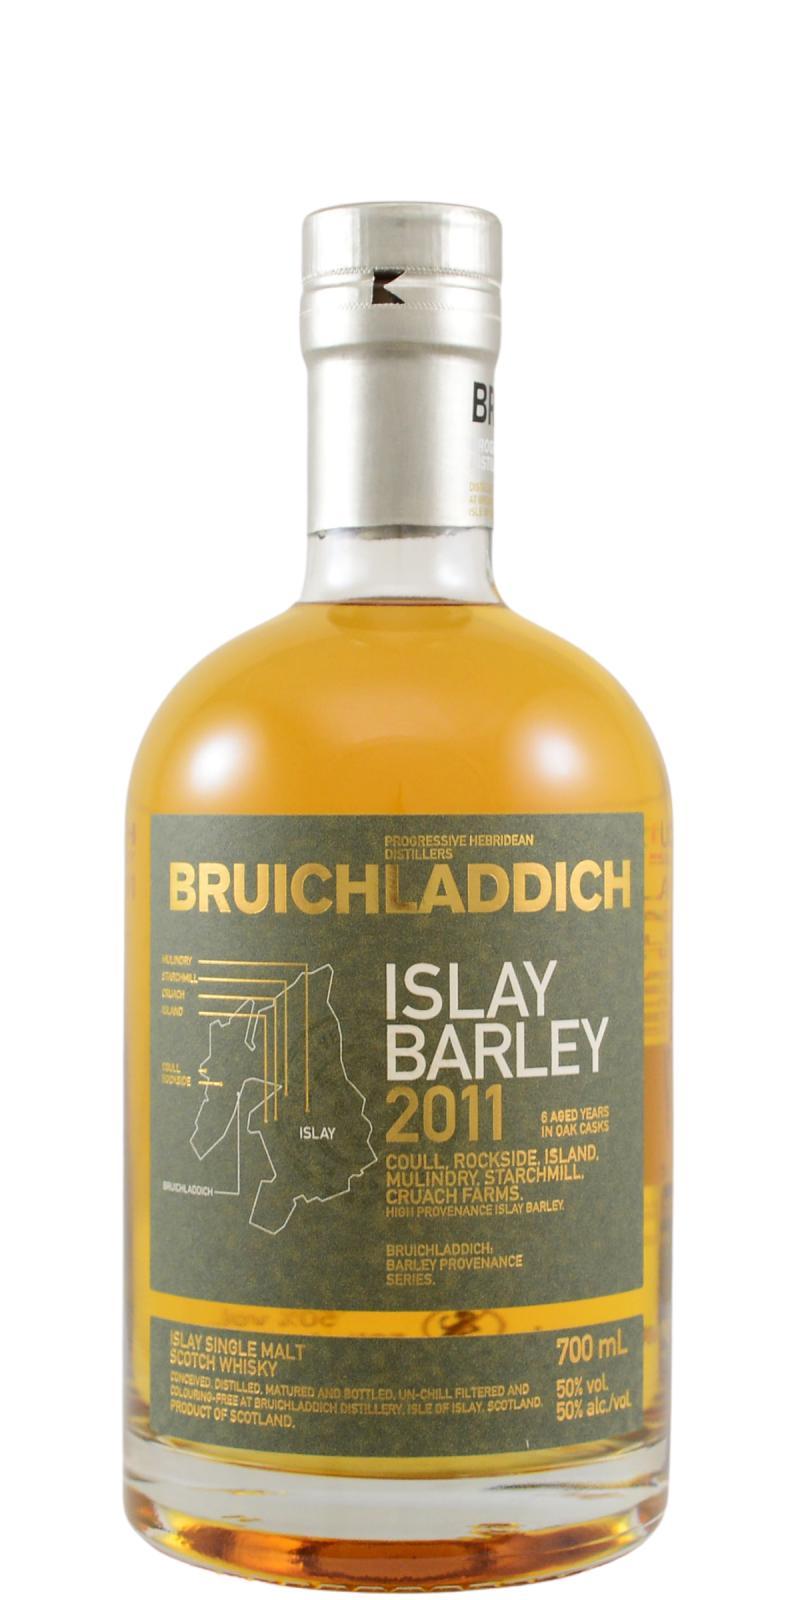 Bruichladdich 2011